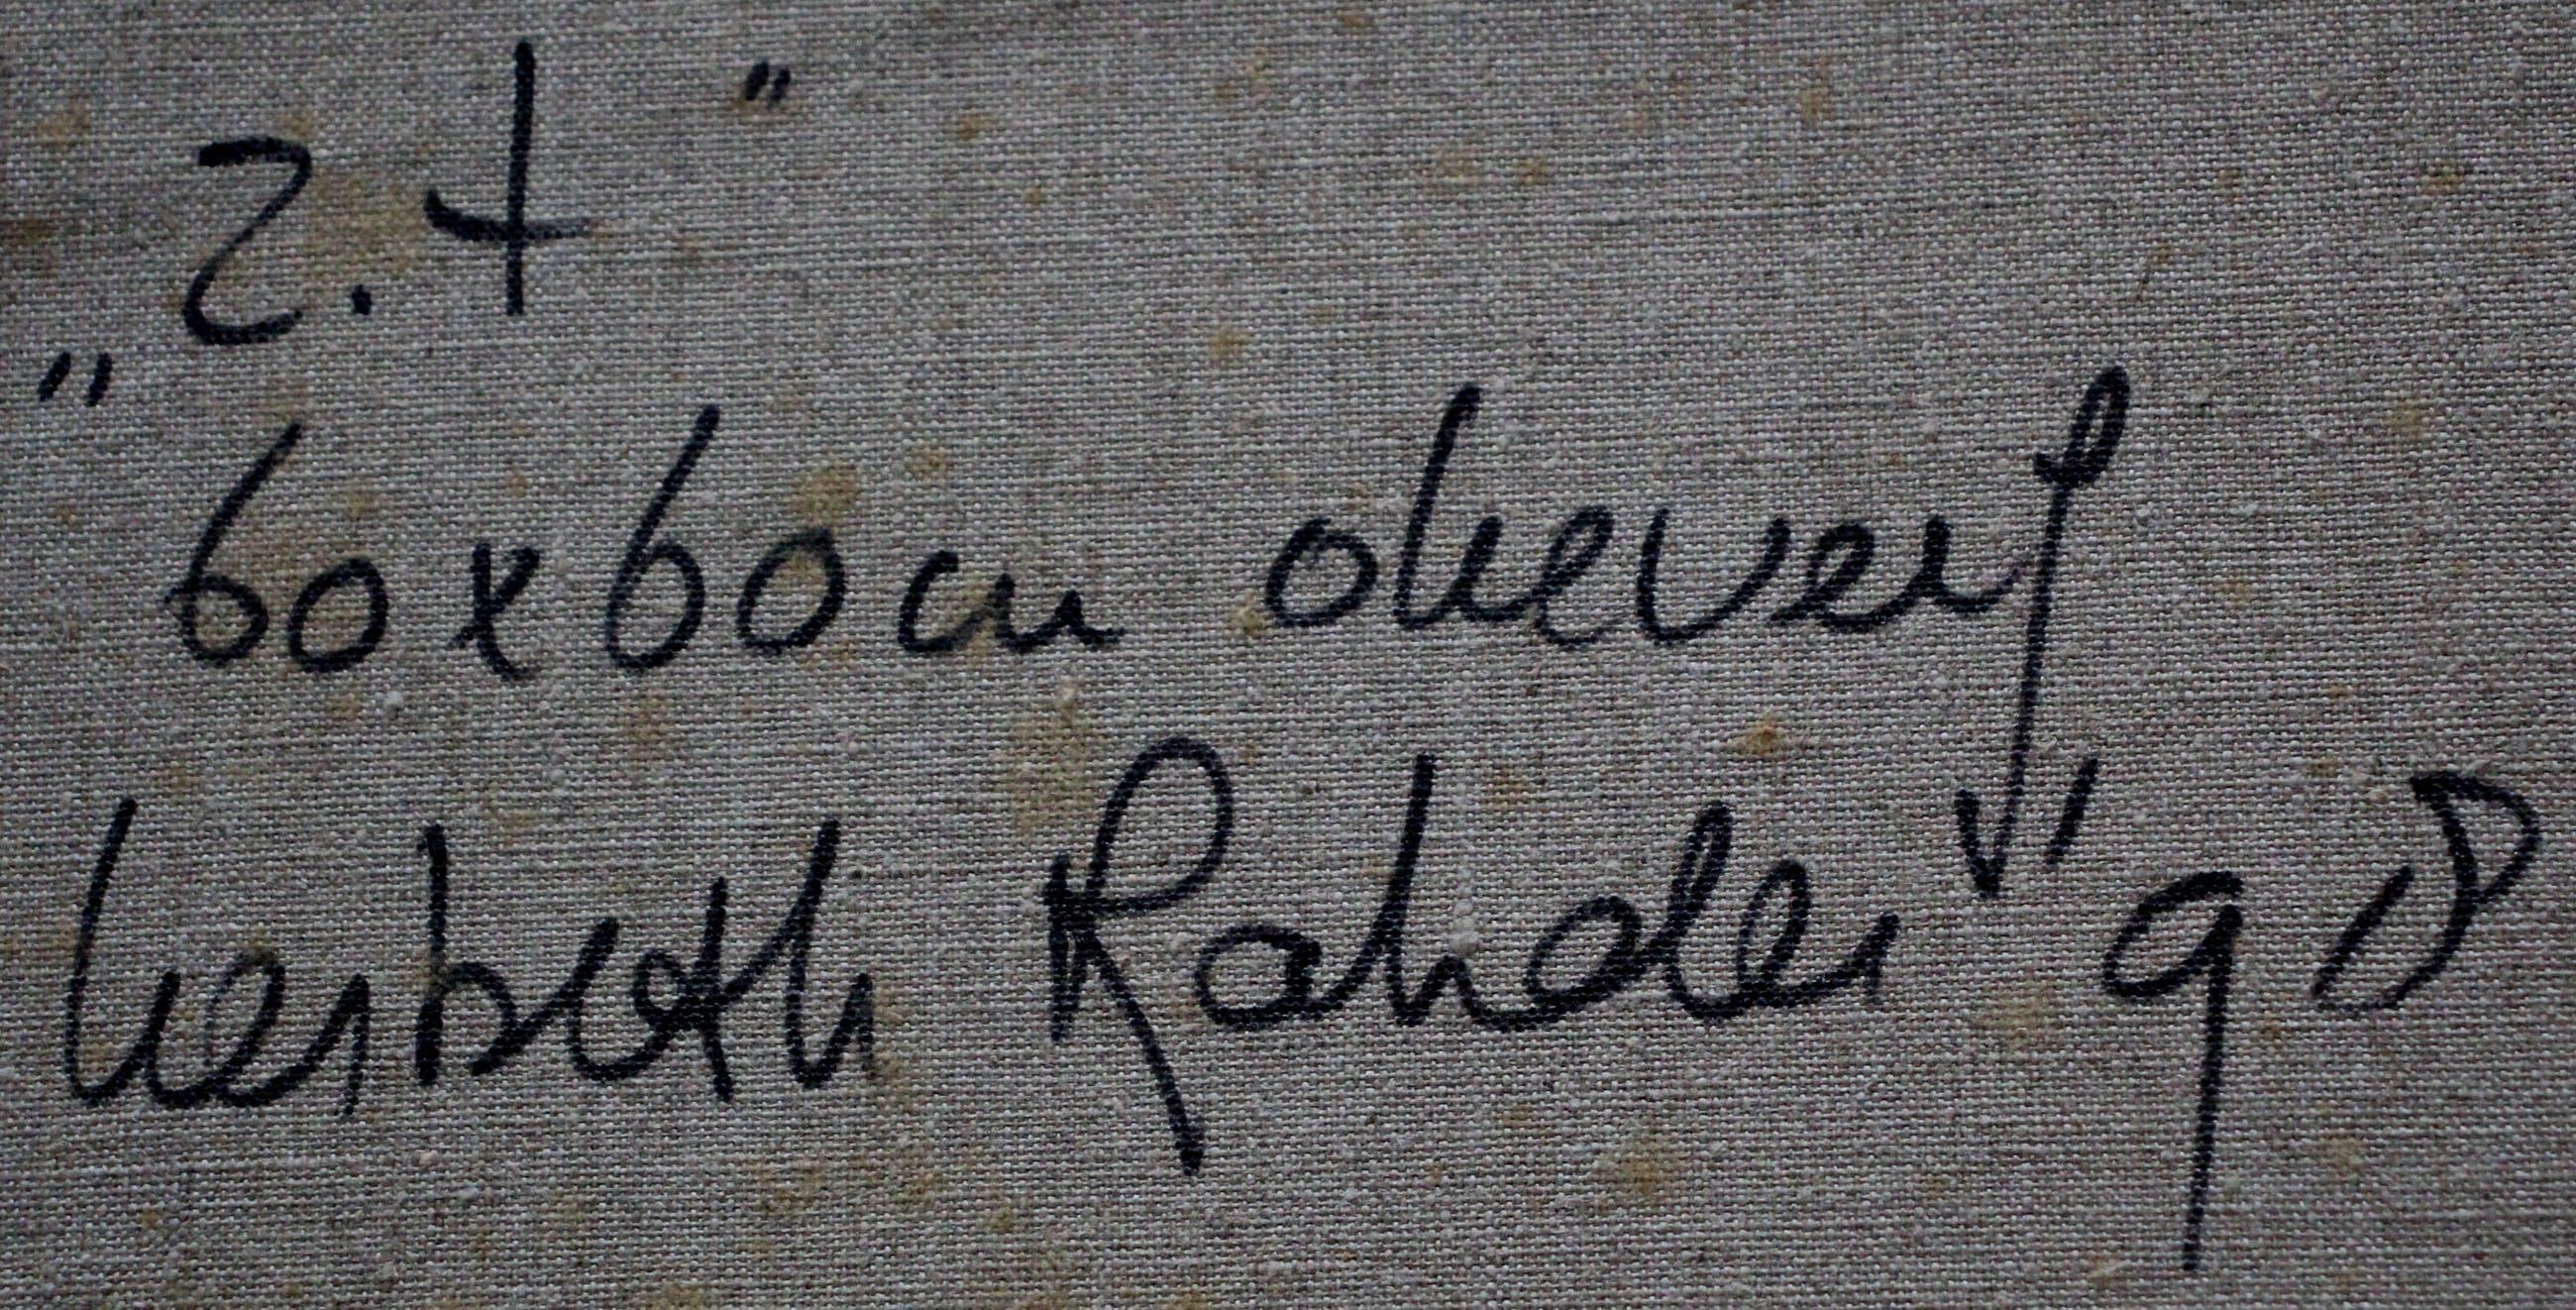 Liesbeth Rahder - Olieverf op doek - 1998 kopen? Bied vanaf 295!